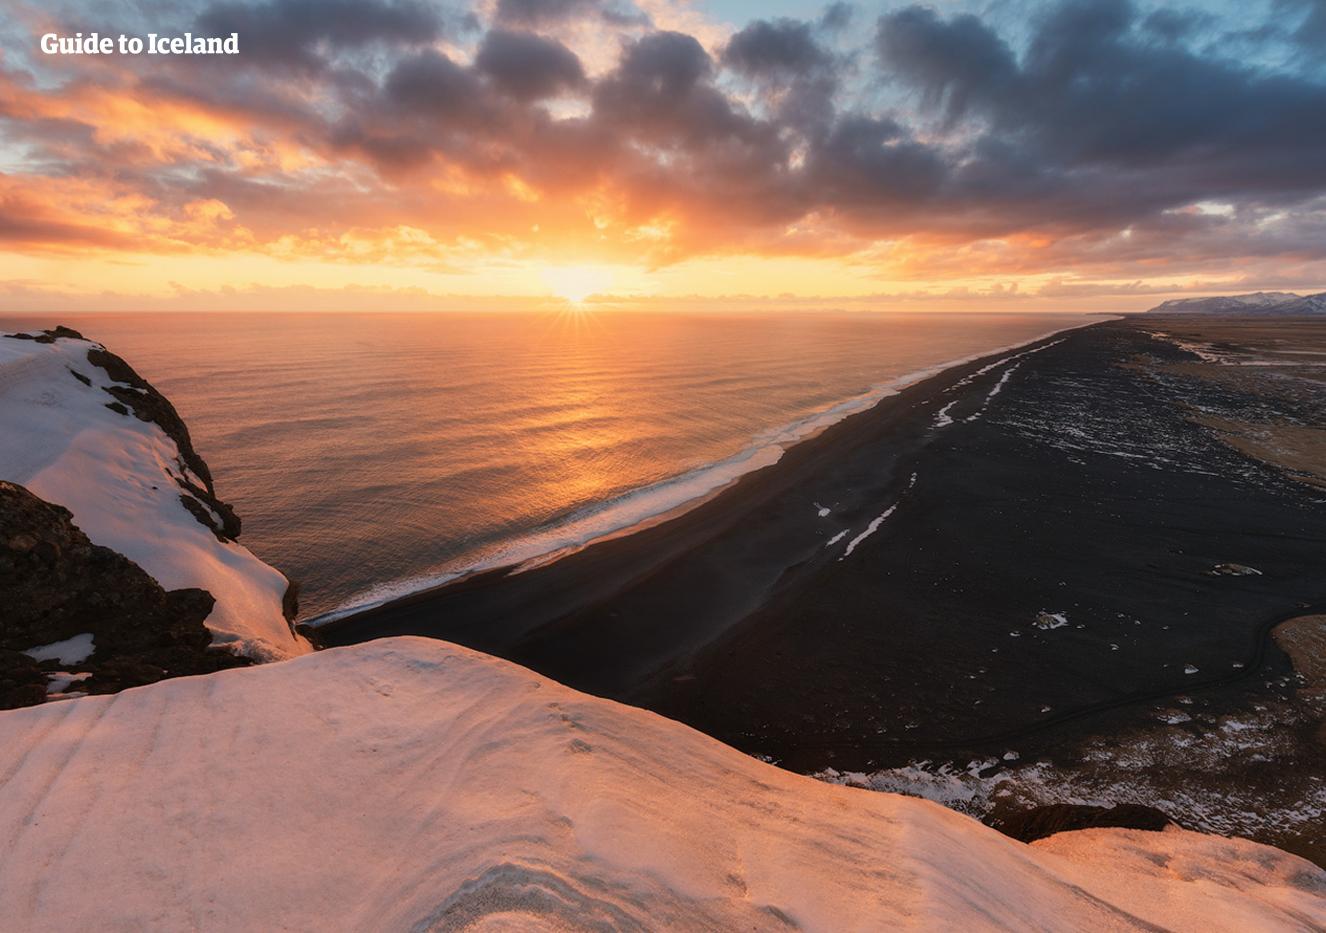 11-дневный зимний автотур   Природа Южного побережья и Западная Исландия - day 9